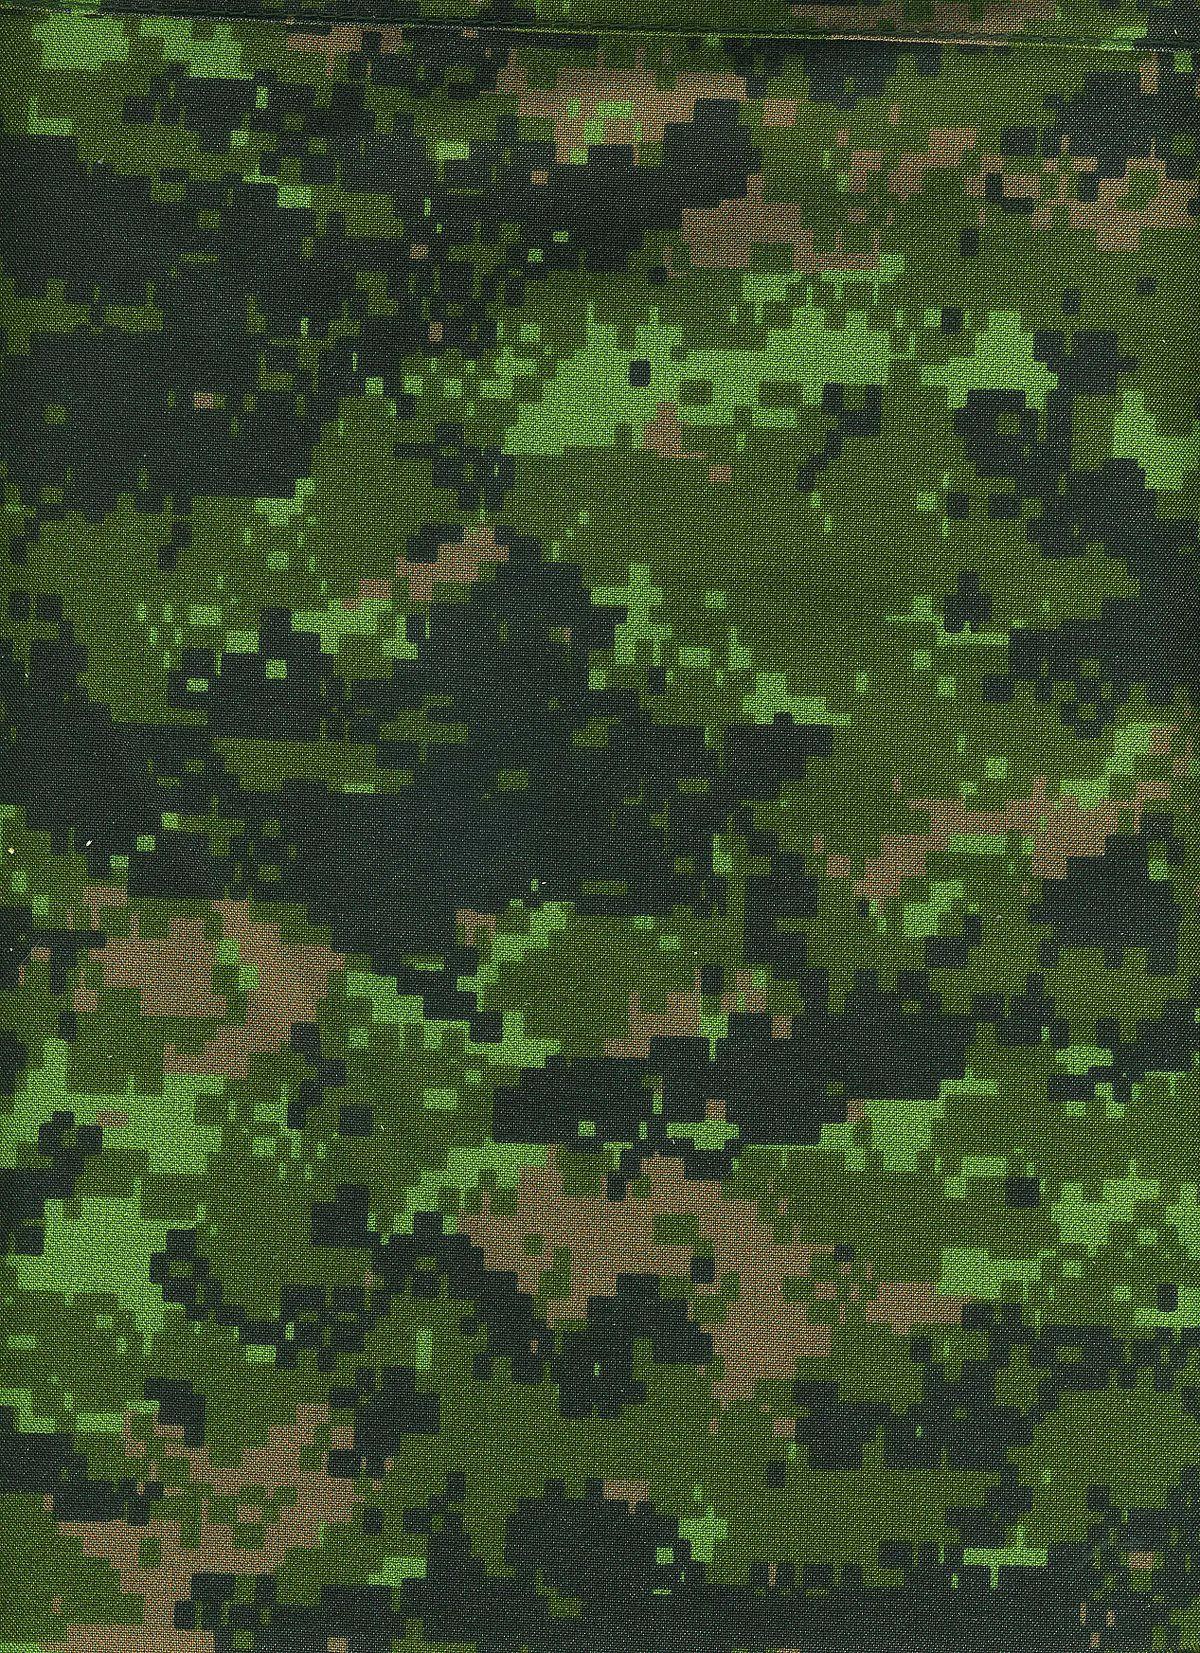 Multi-scale camouflage - Wikipedia